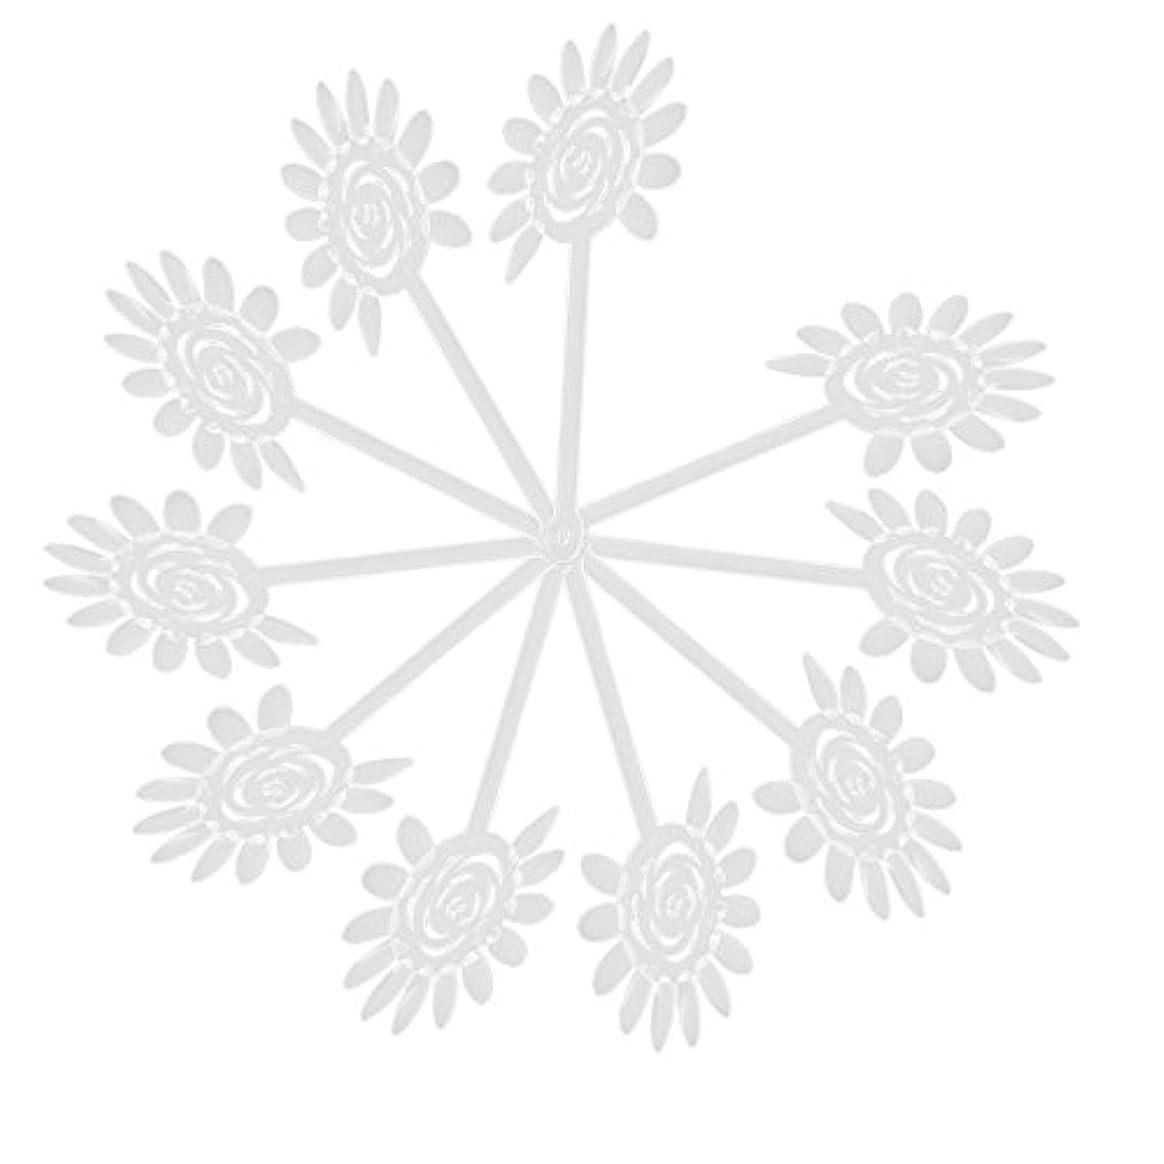 高尚な瀬戸際運賃Vaorwne Vaorwne(R)10Xアクリル透明ネイルアートチップディスプレイファンカードプレート ネイルDIYツール